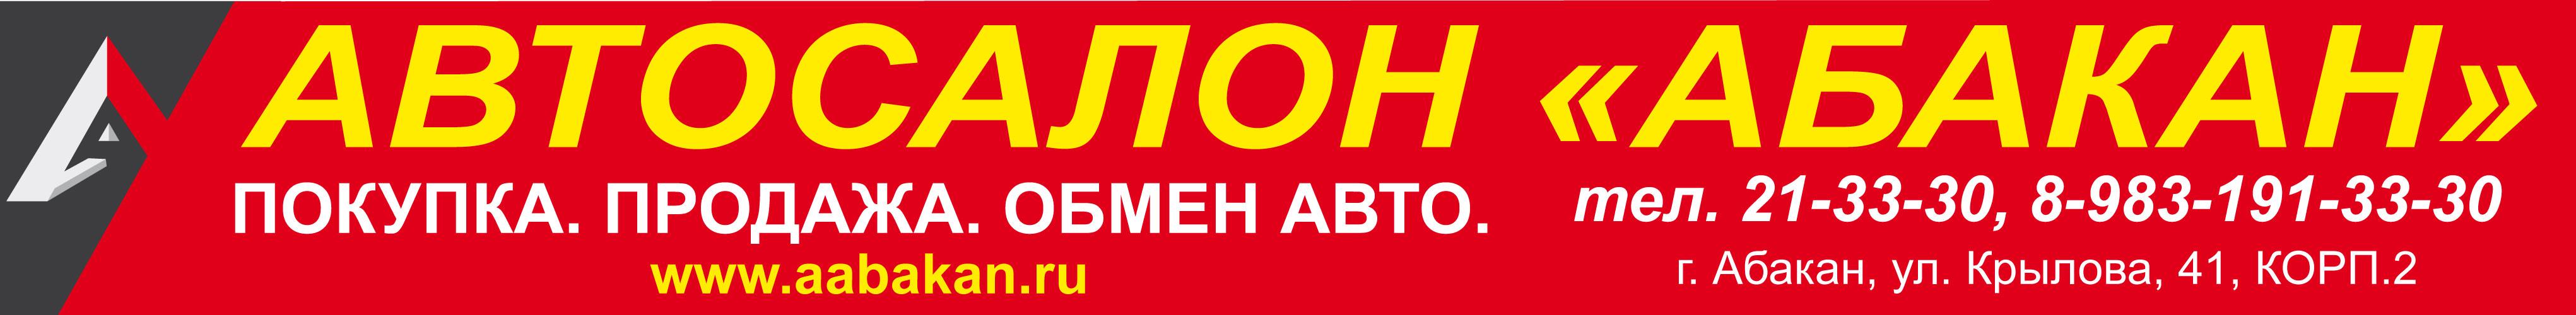 Автосалон Абакан